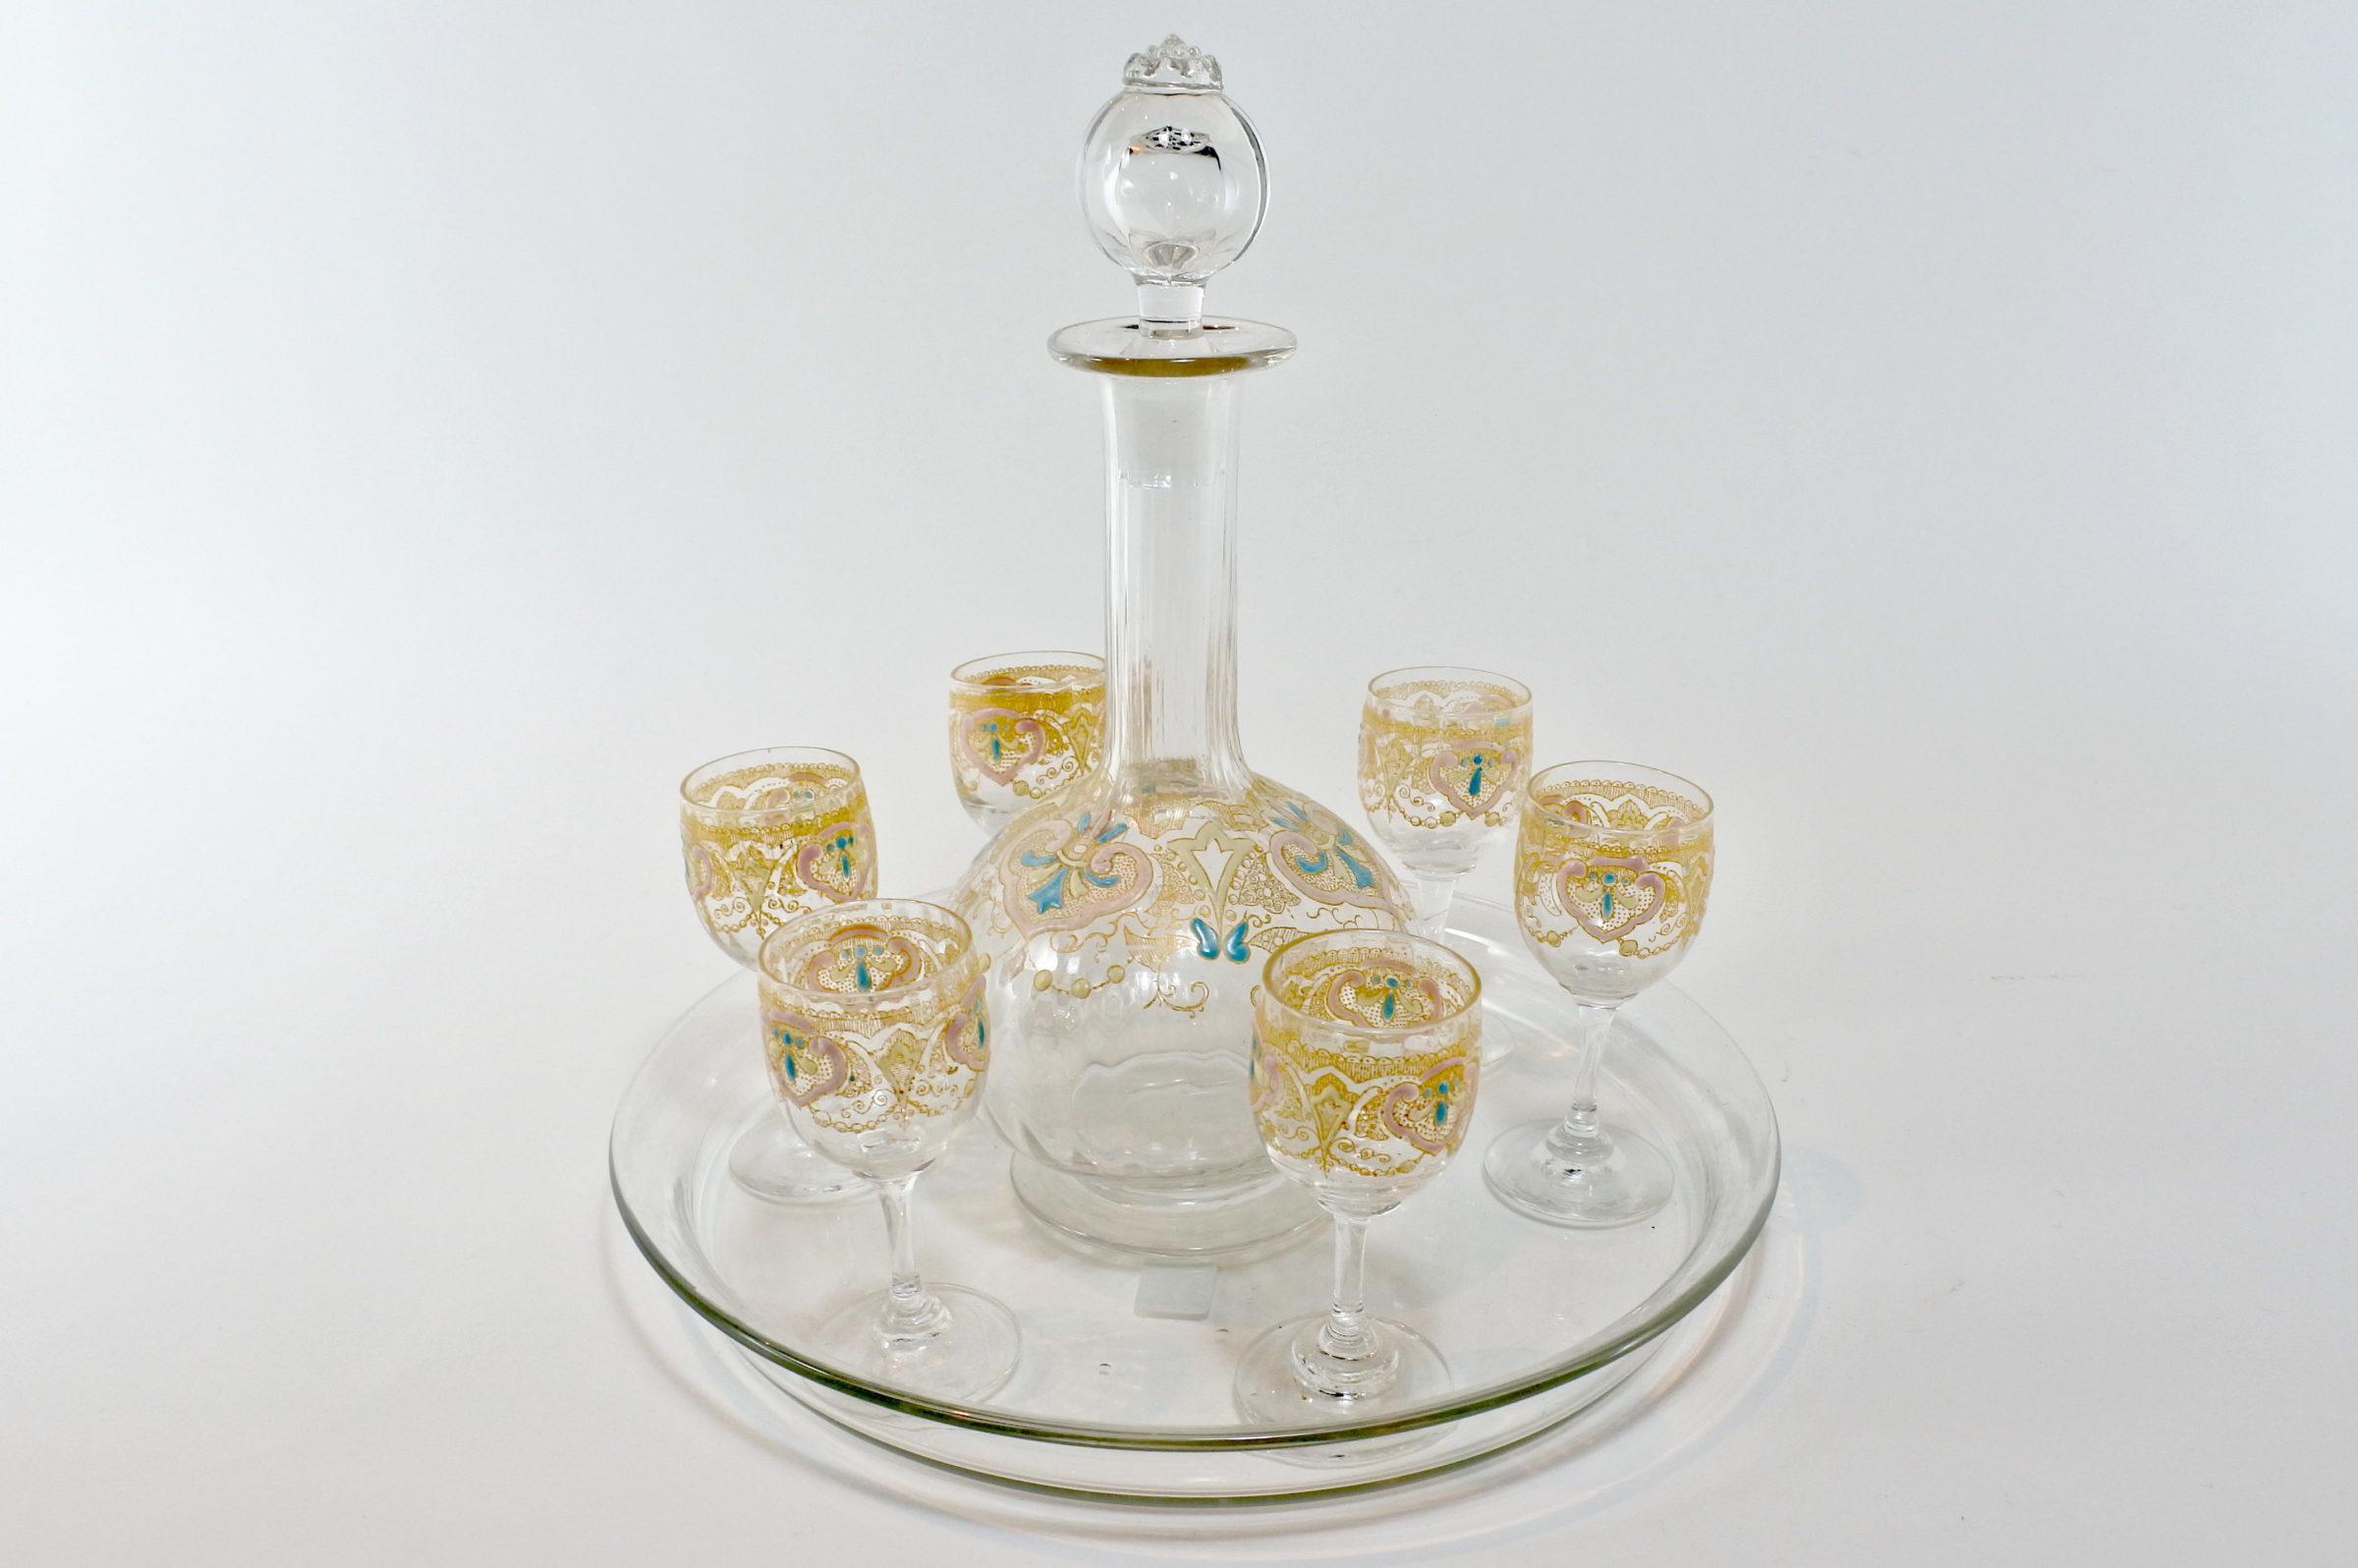 Servizio Legras da liquore in vetro soffiato e smalti